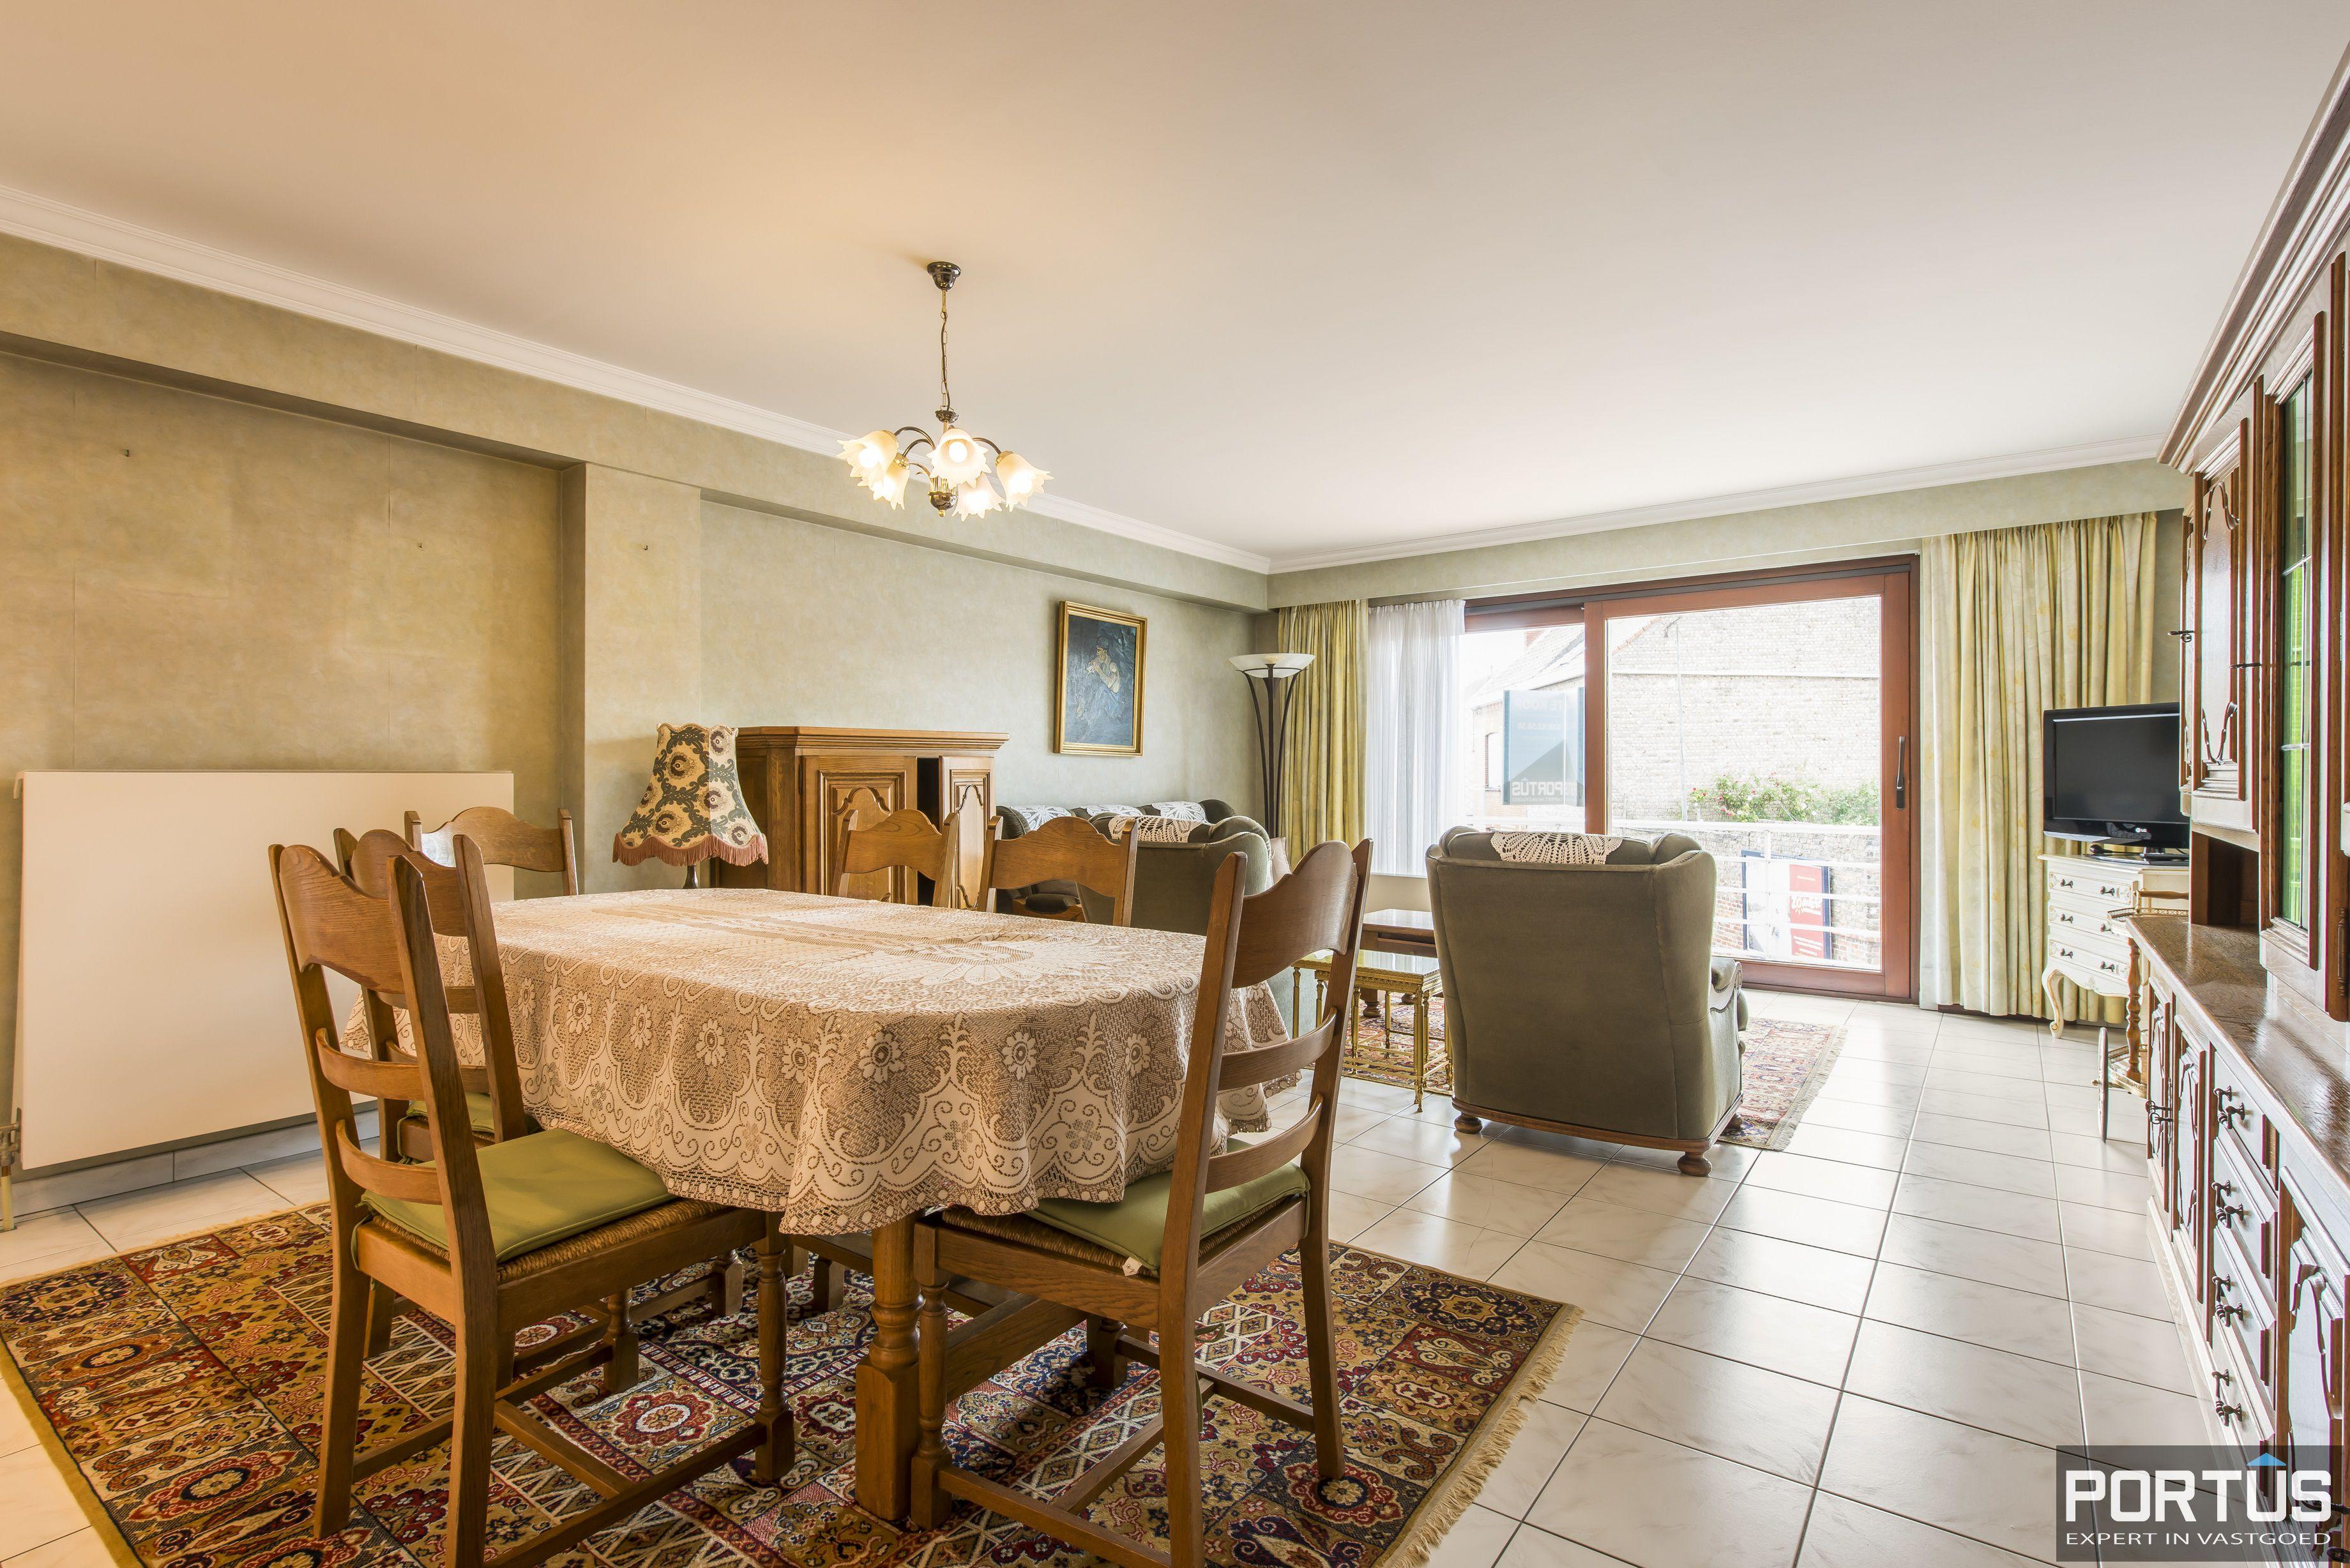 Ruim appartement met 3 slaapkamers te koop te Nieuwpoort-Stad - 11315